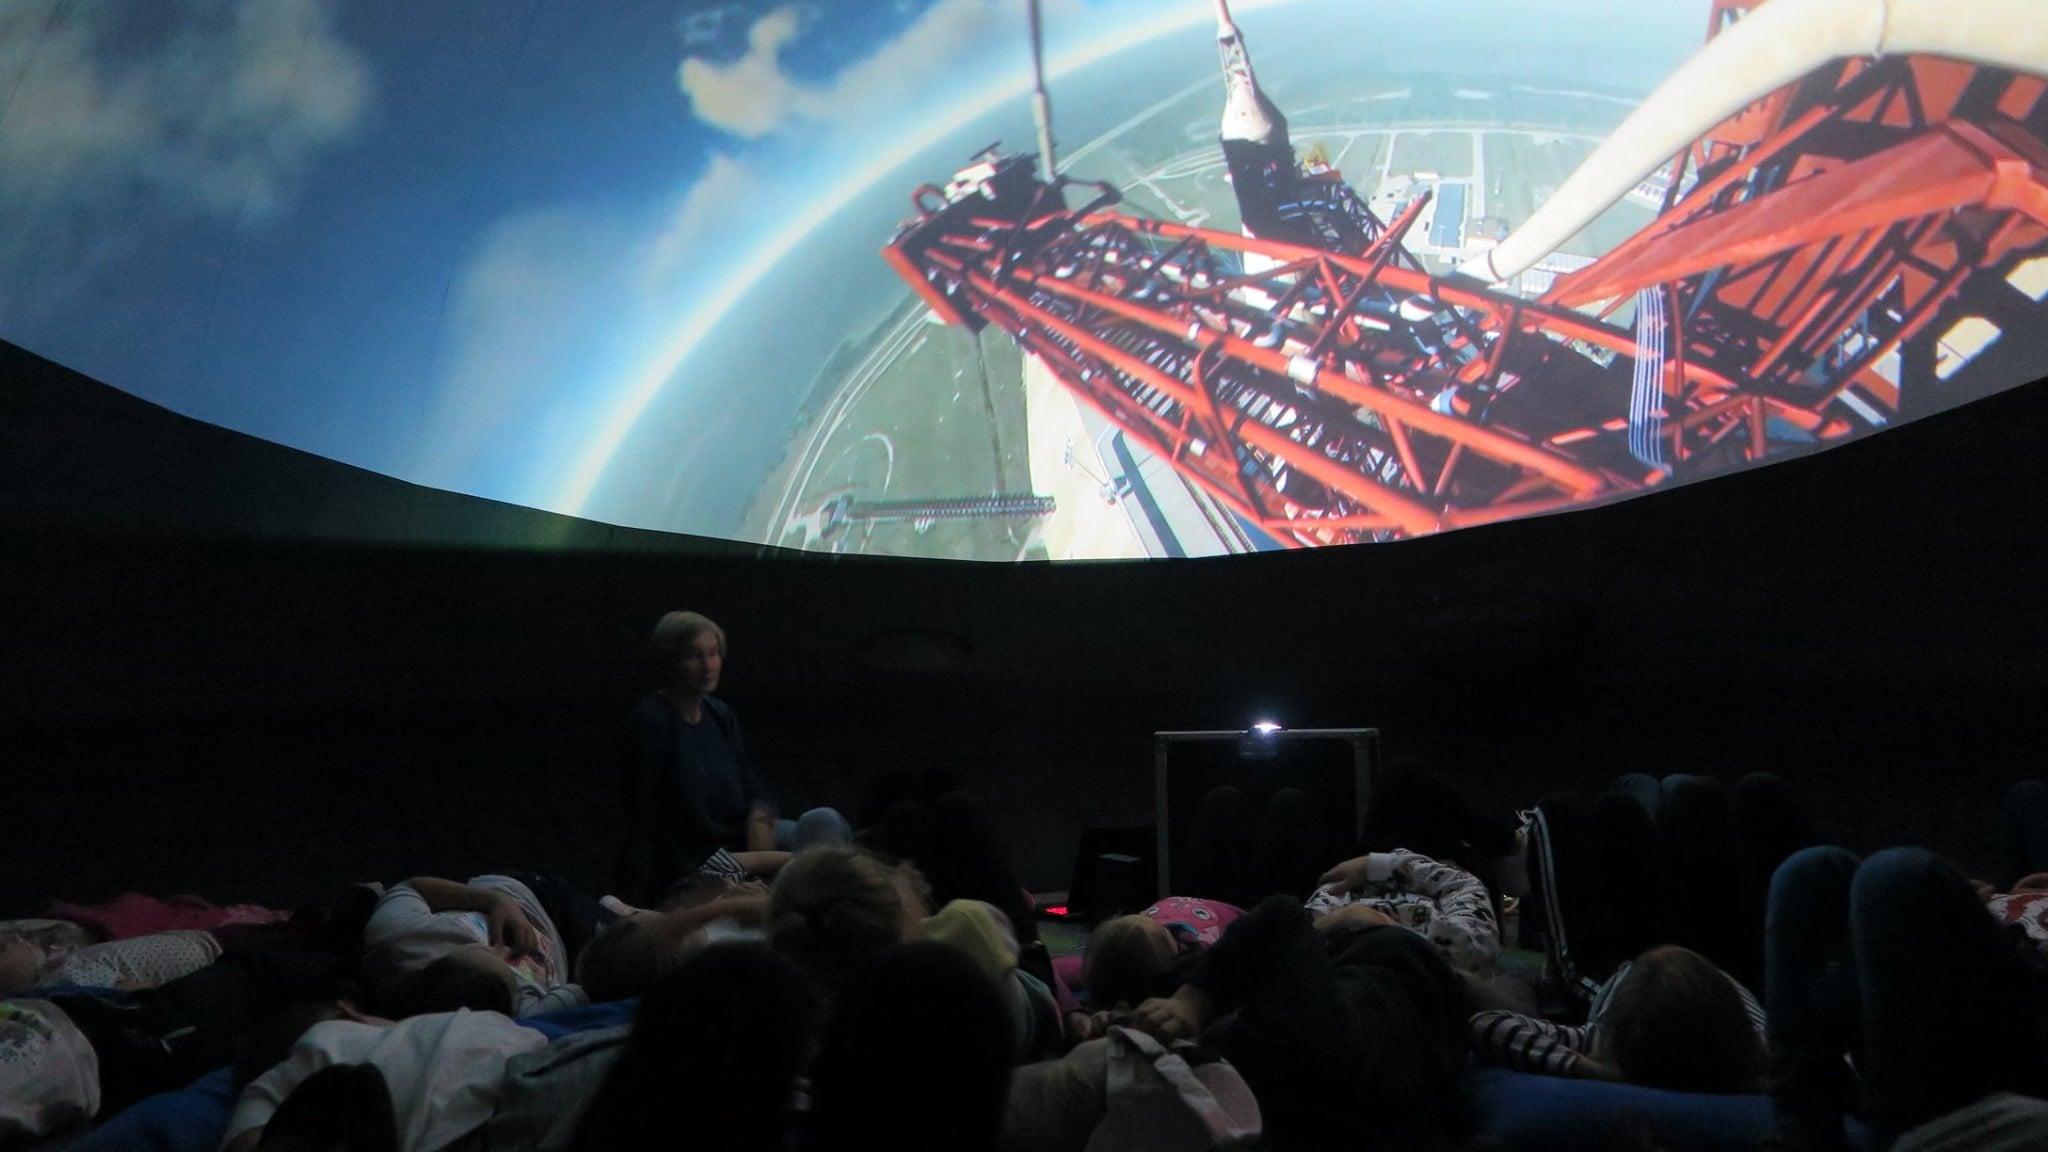 Grupa dzieci ogląda mobilne planetarium,historię podboju księżyca, tajemnice układu słonecznego oraz historię lotów kosmicznych.